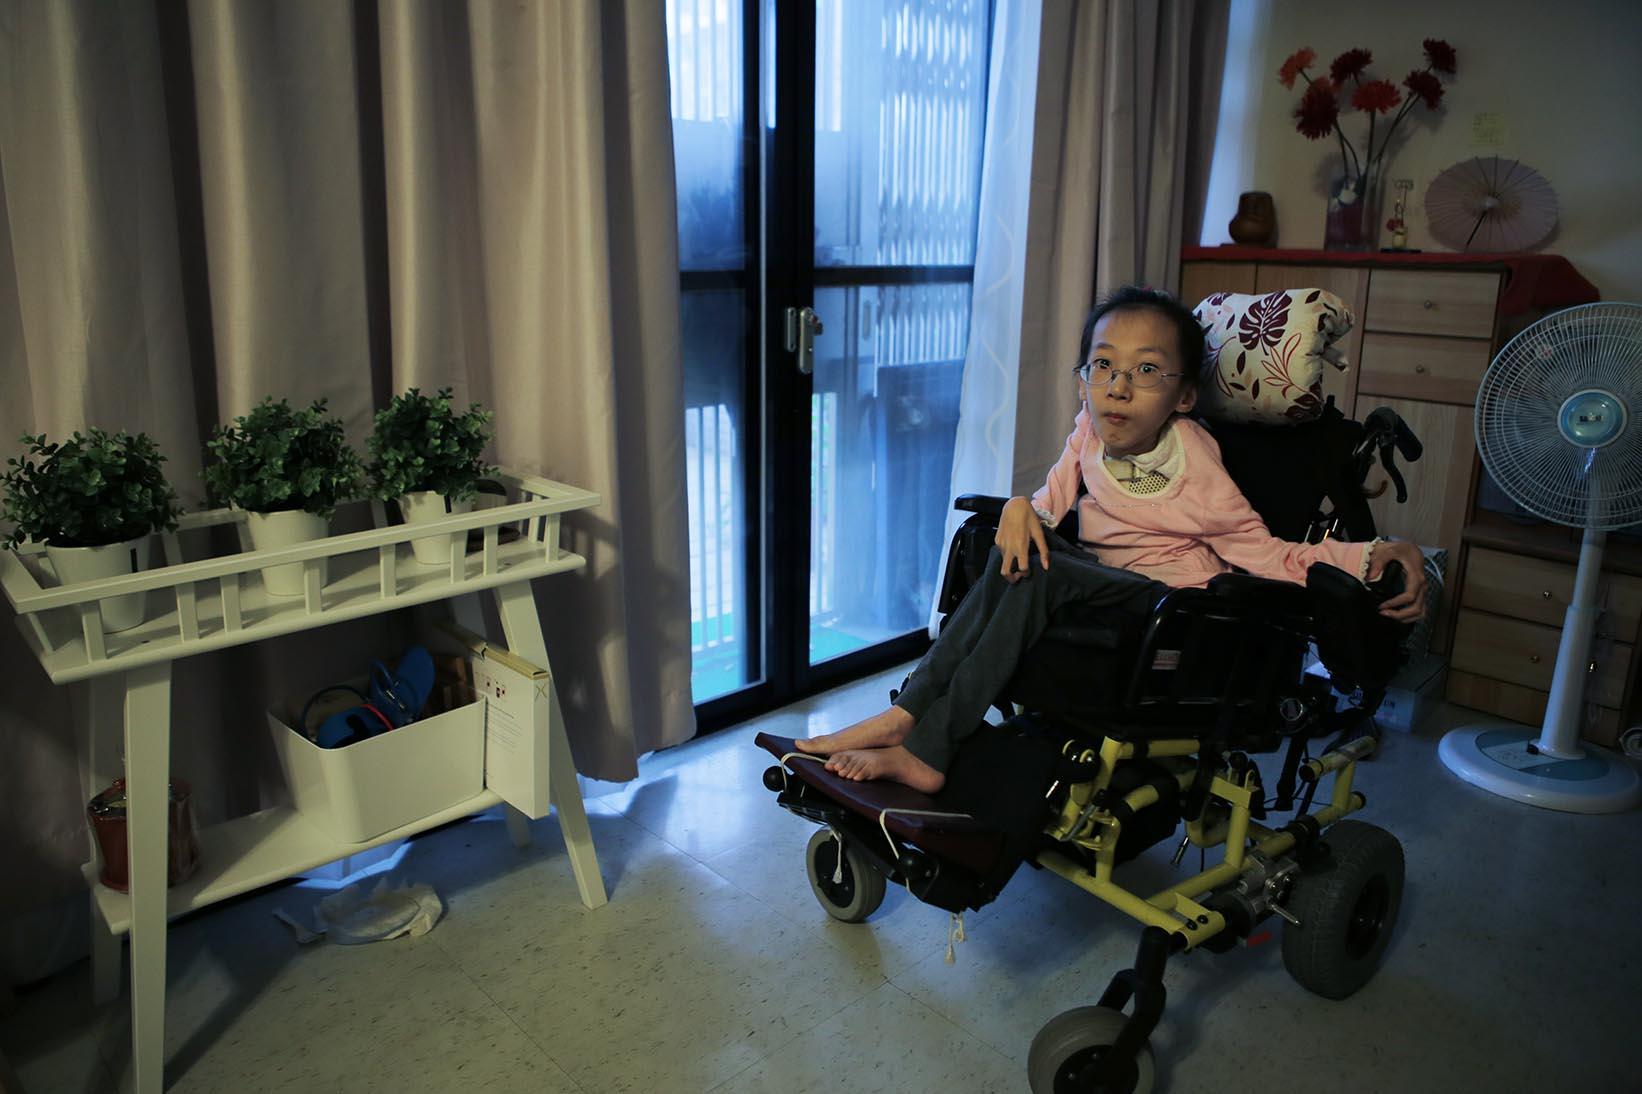 患有肌肉萎縮症的陳玟聿,因台灣遊戲空間的不友善,讓她無法體驗遊樂設施的樂趣。攝:徐翌全/端傳媒